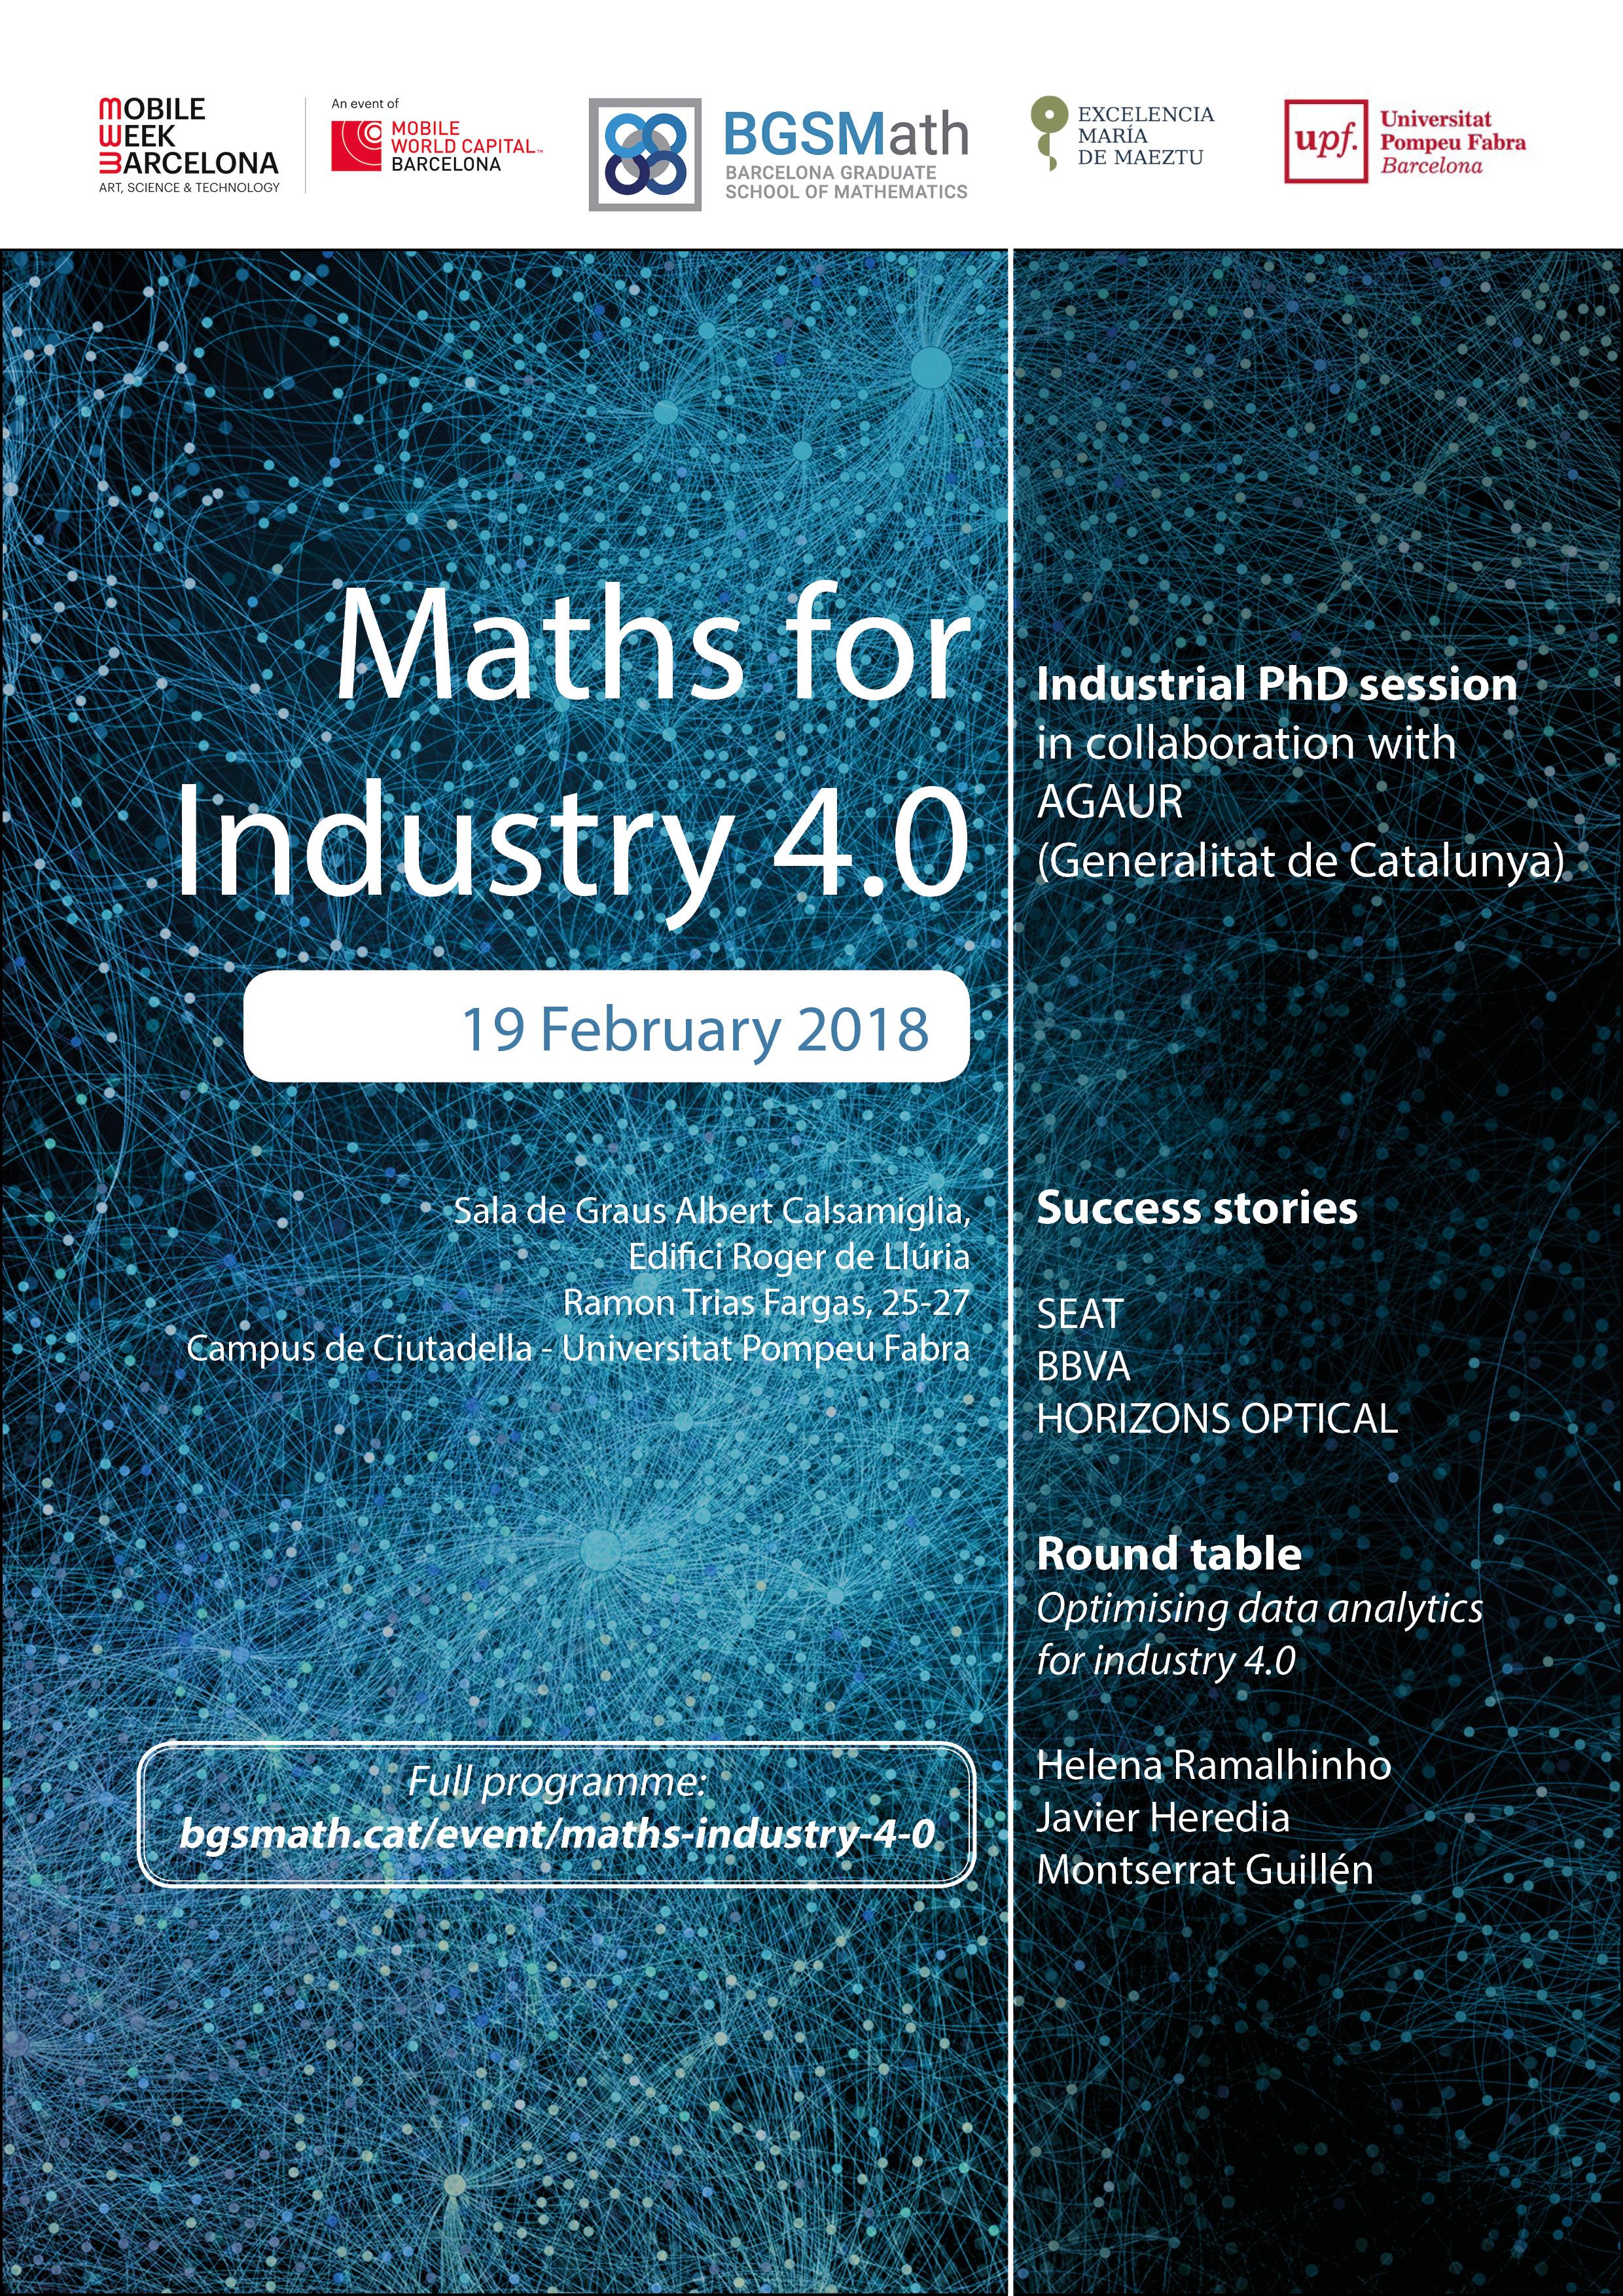 Maths for Industry 4.0 - BGSMath